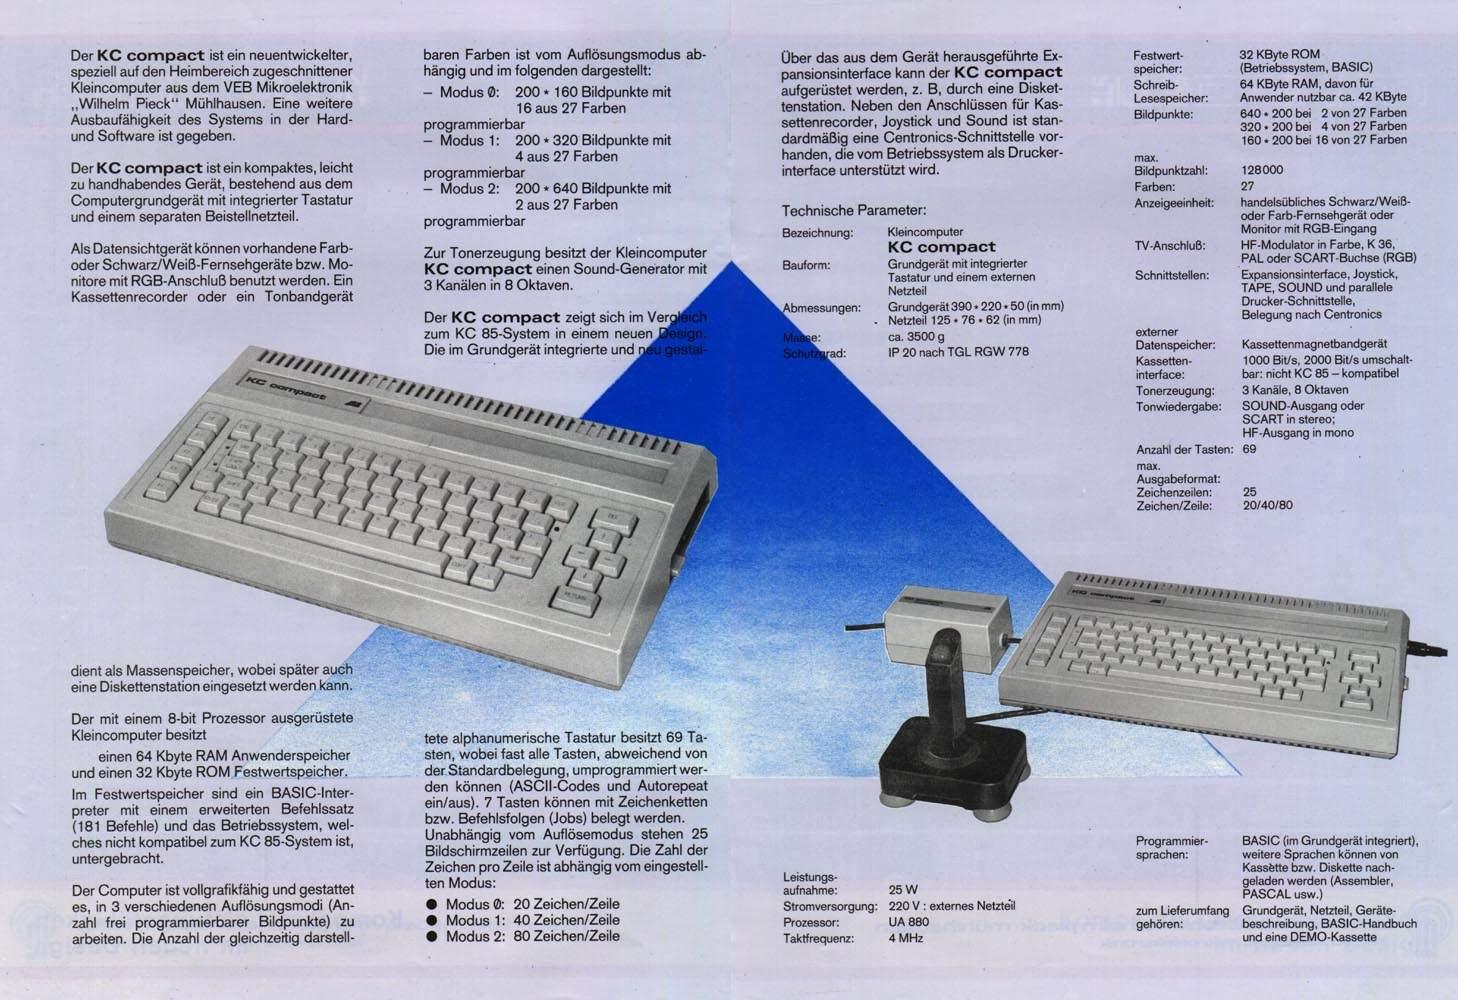 tastatur beschreibung mit bild